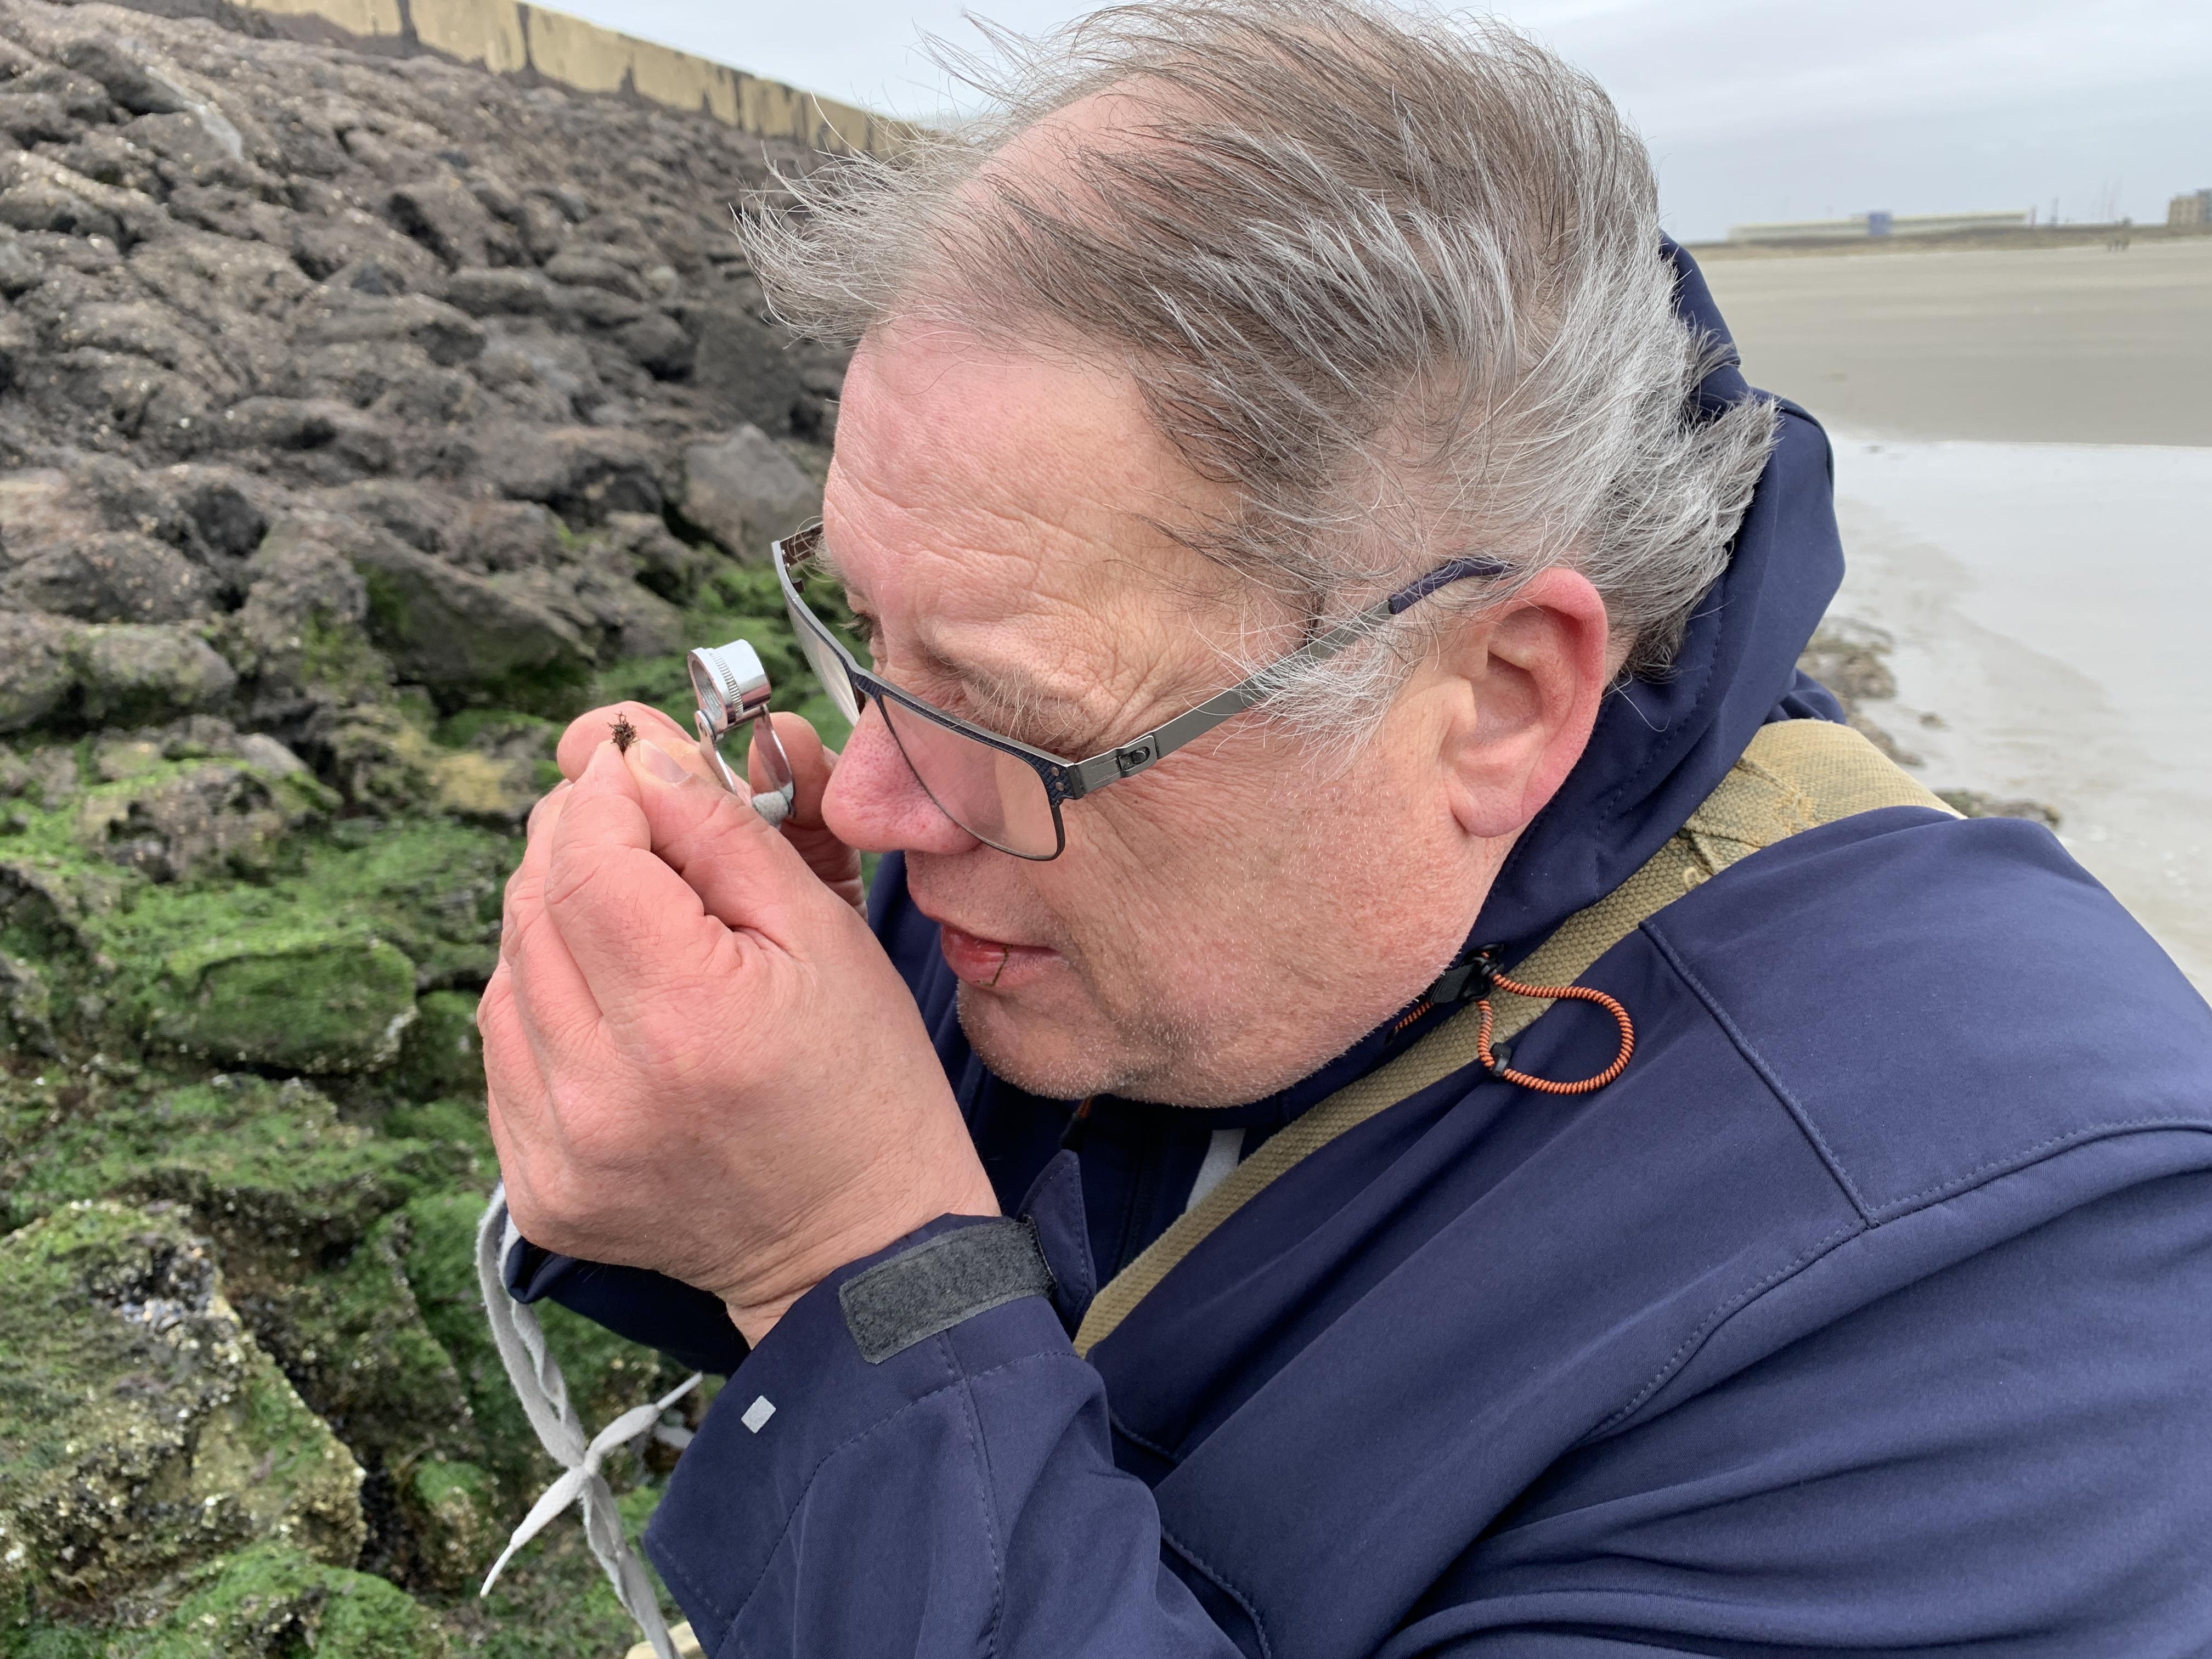 Windkracht 7 trotseren voor een duik in de wonderlijke wereld van de zeewieren